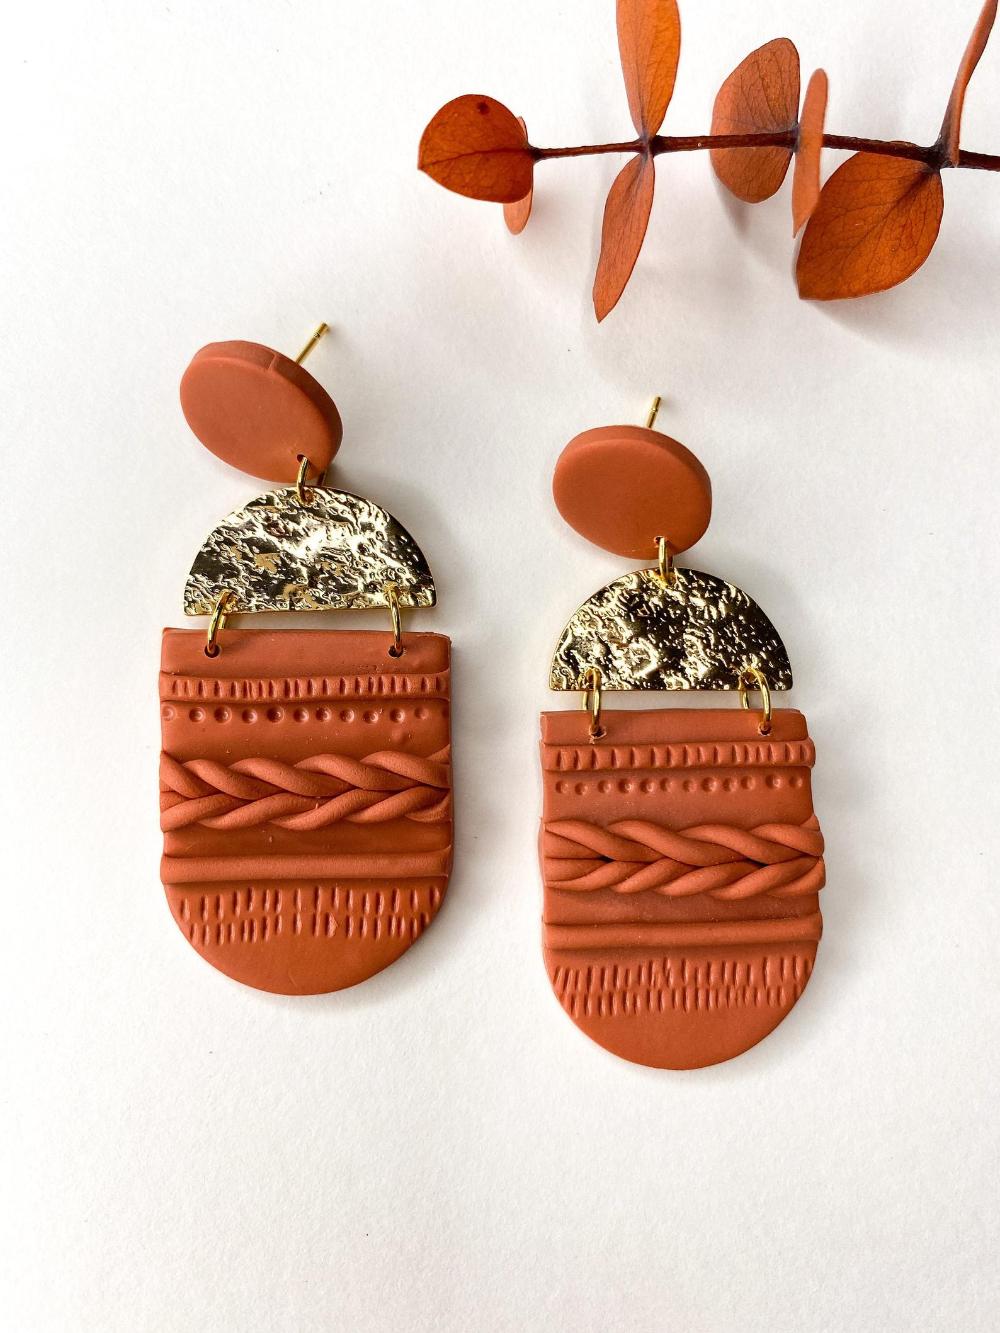 Handmade Polymer Clay Earrings  Lightweight Statement Earrings  Boho Jewelry